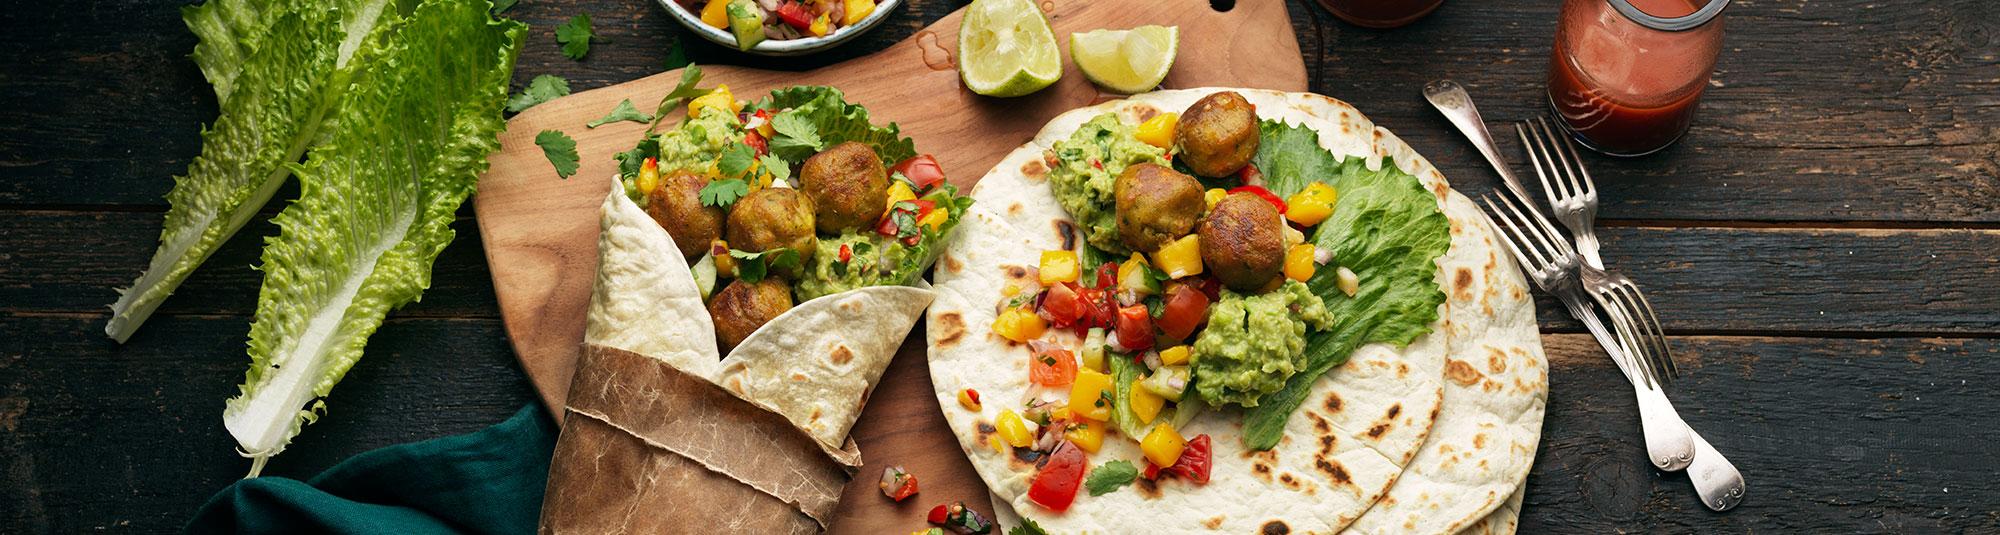 Veggie wrap med grönsaksbullar, ärtguacamole och mangosalsa